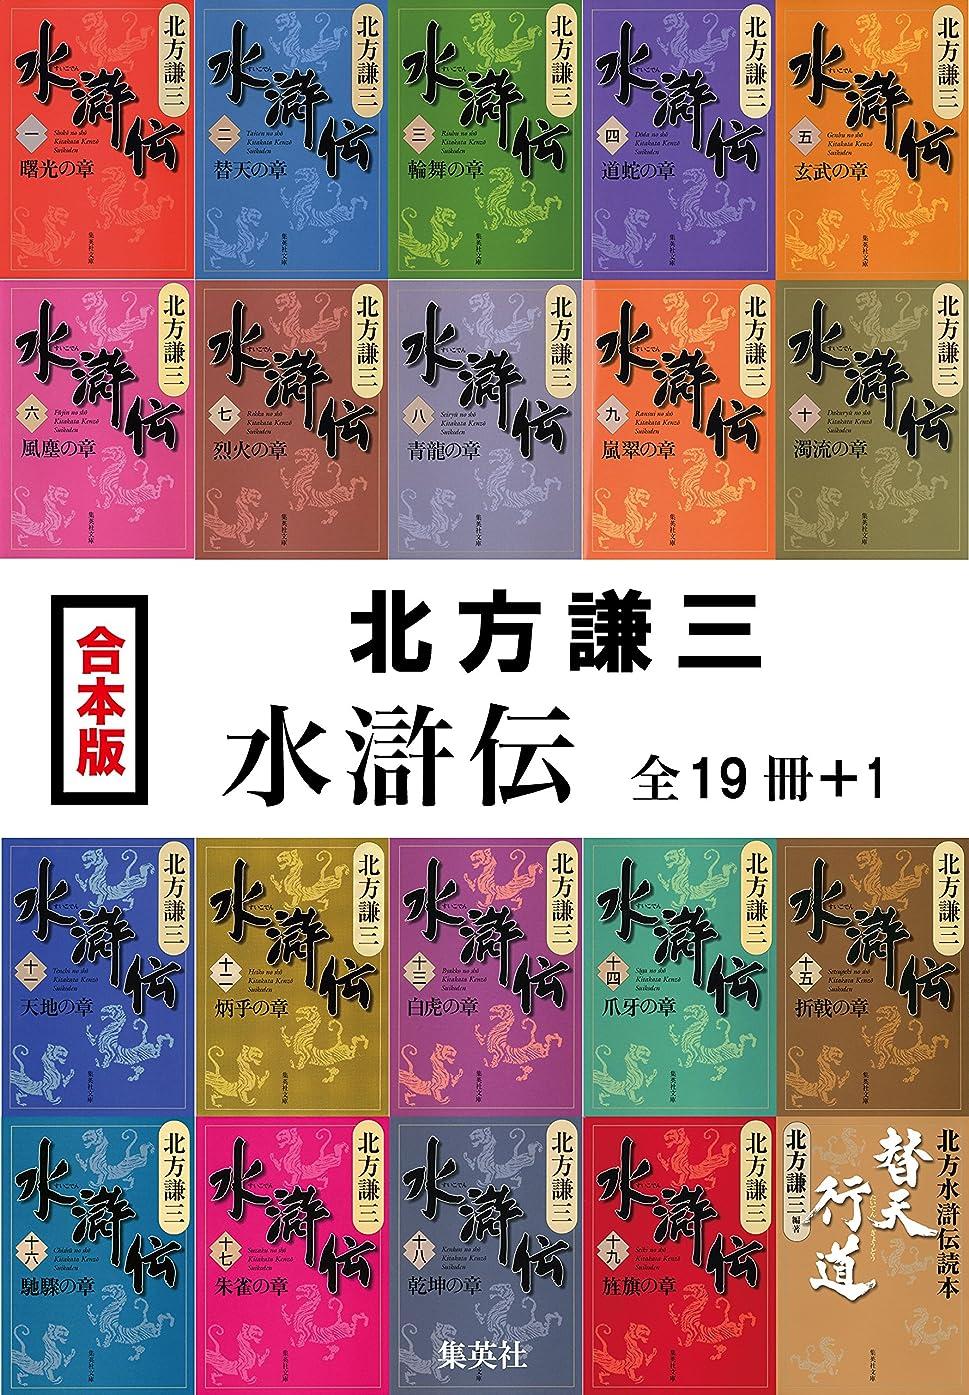 暗くするサービス高価な【合本版】水滸伝(全19冊+1) (集英社文庫)